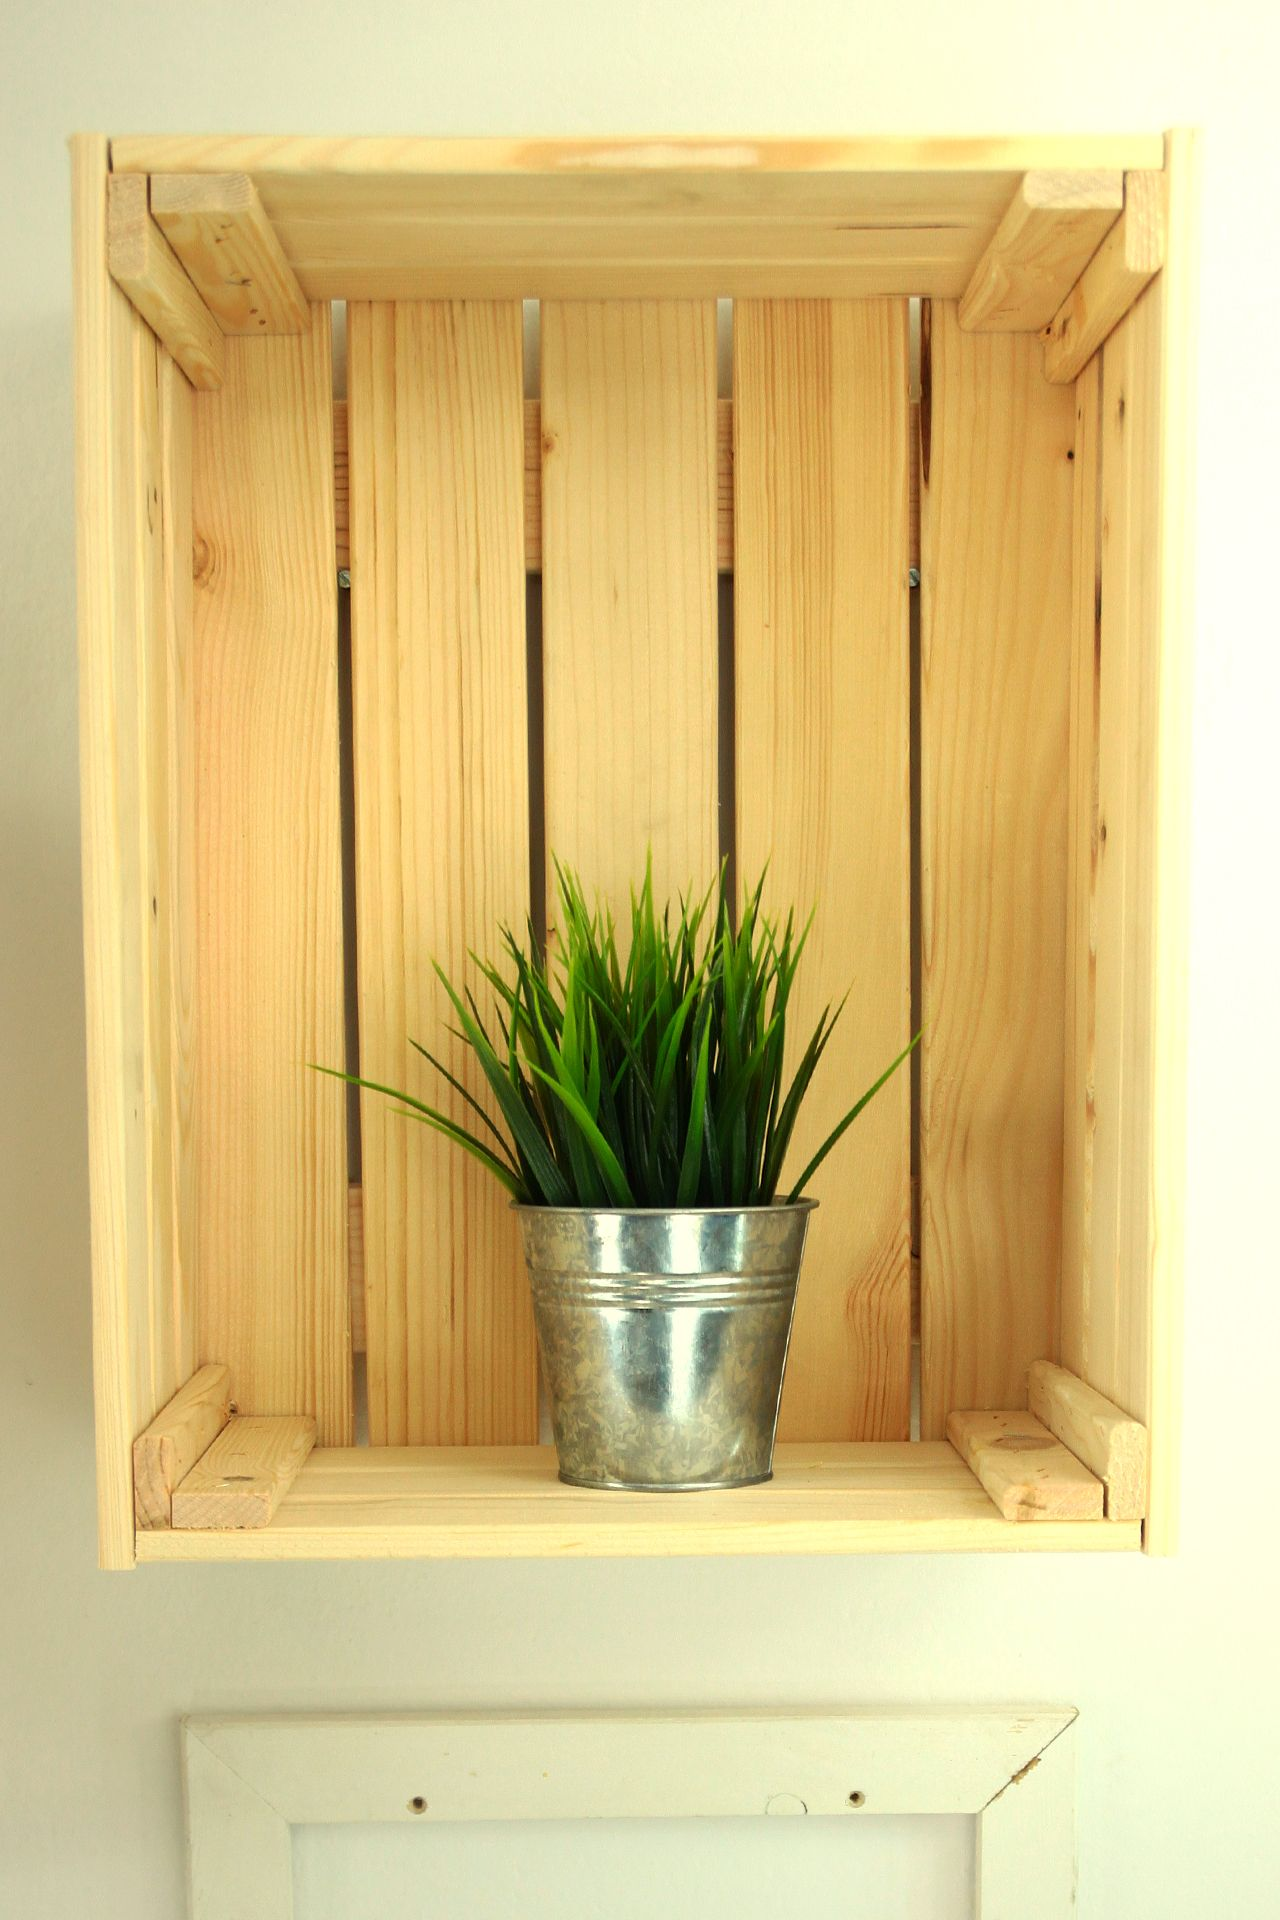 Skrzynka Drewniana B 38 Ozdobna Surowa Skrzynia 6495441847 Oficjalne Archiwum Allegro Inspiration Decor Home Decor